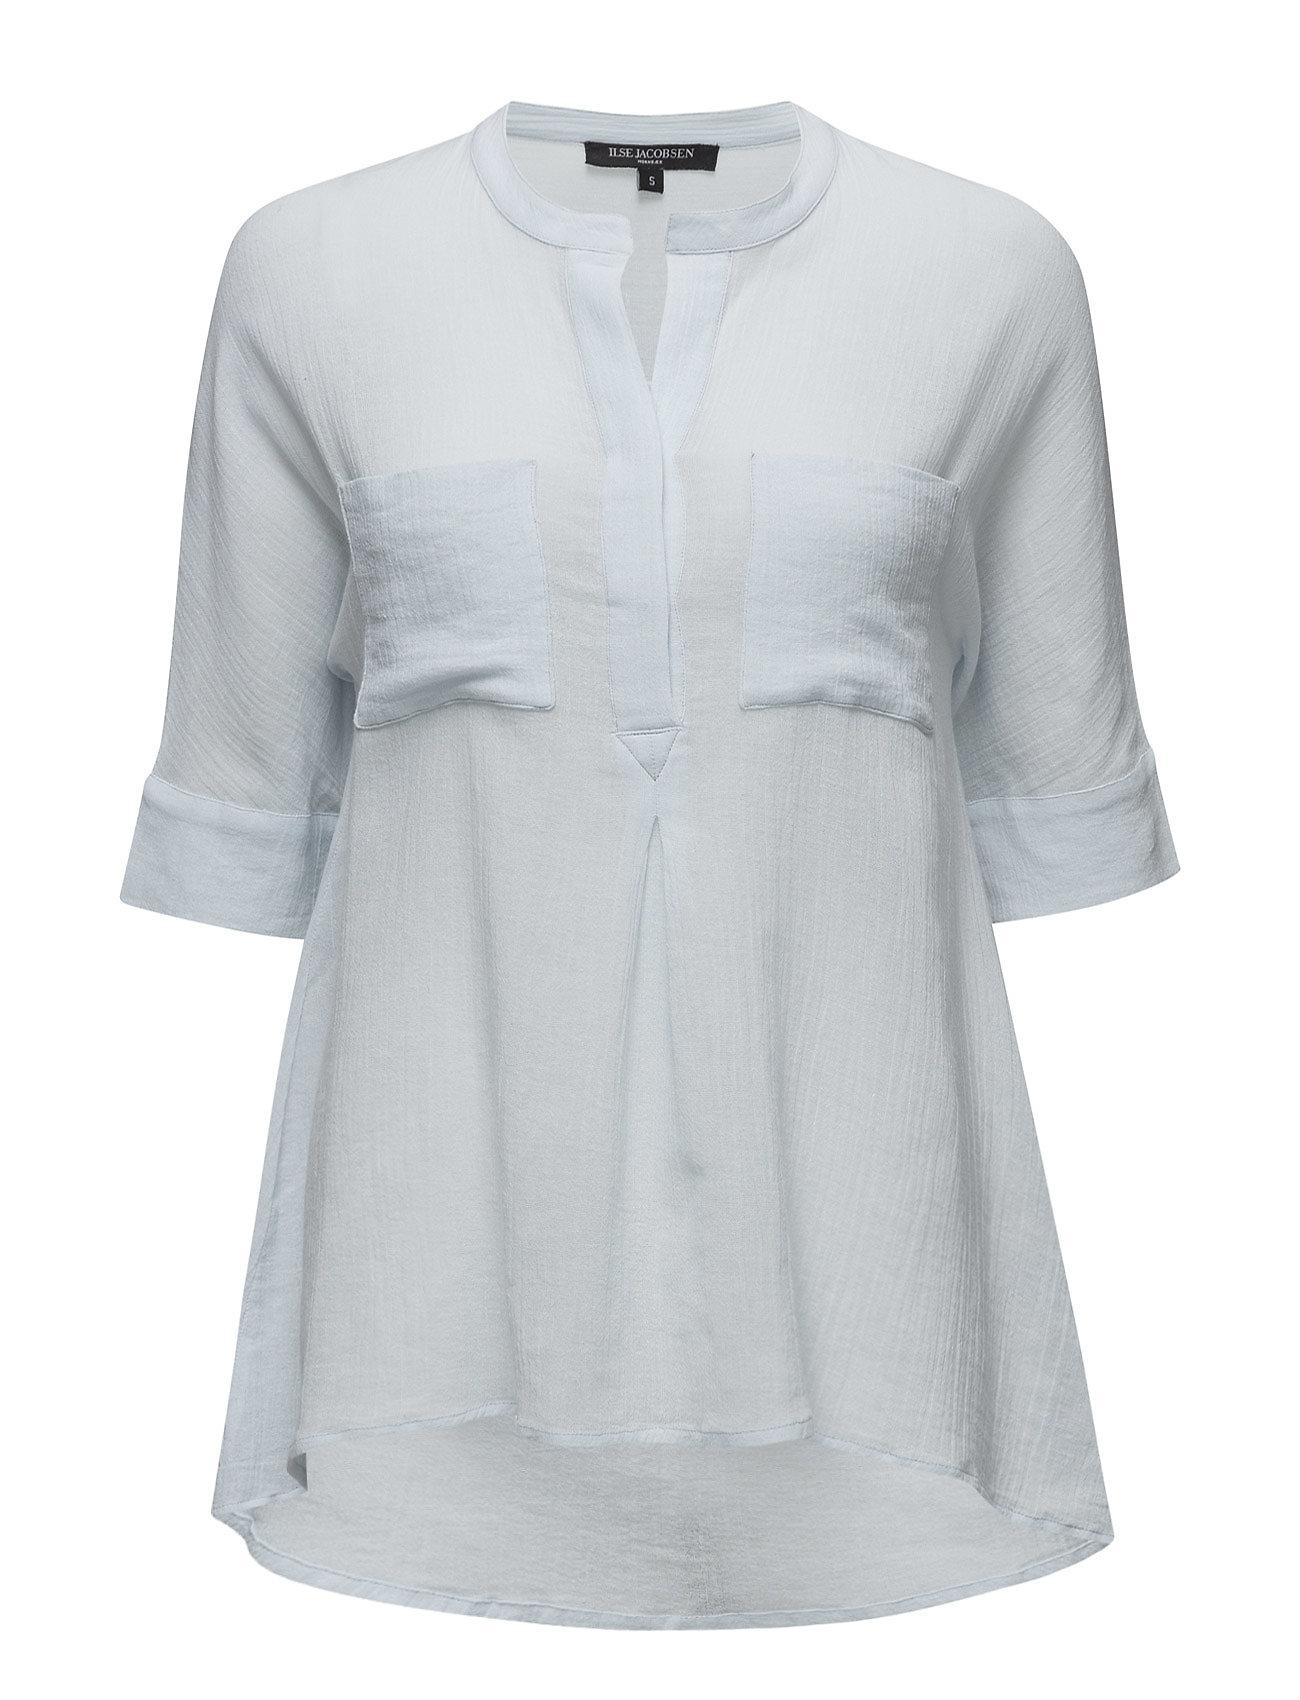 Shirt Ilse Jacobsen Bluser til Kvinder i